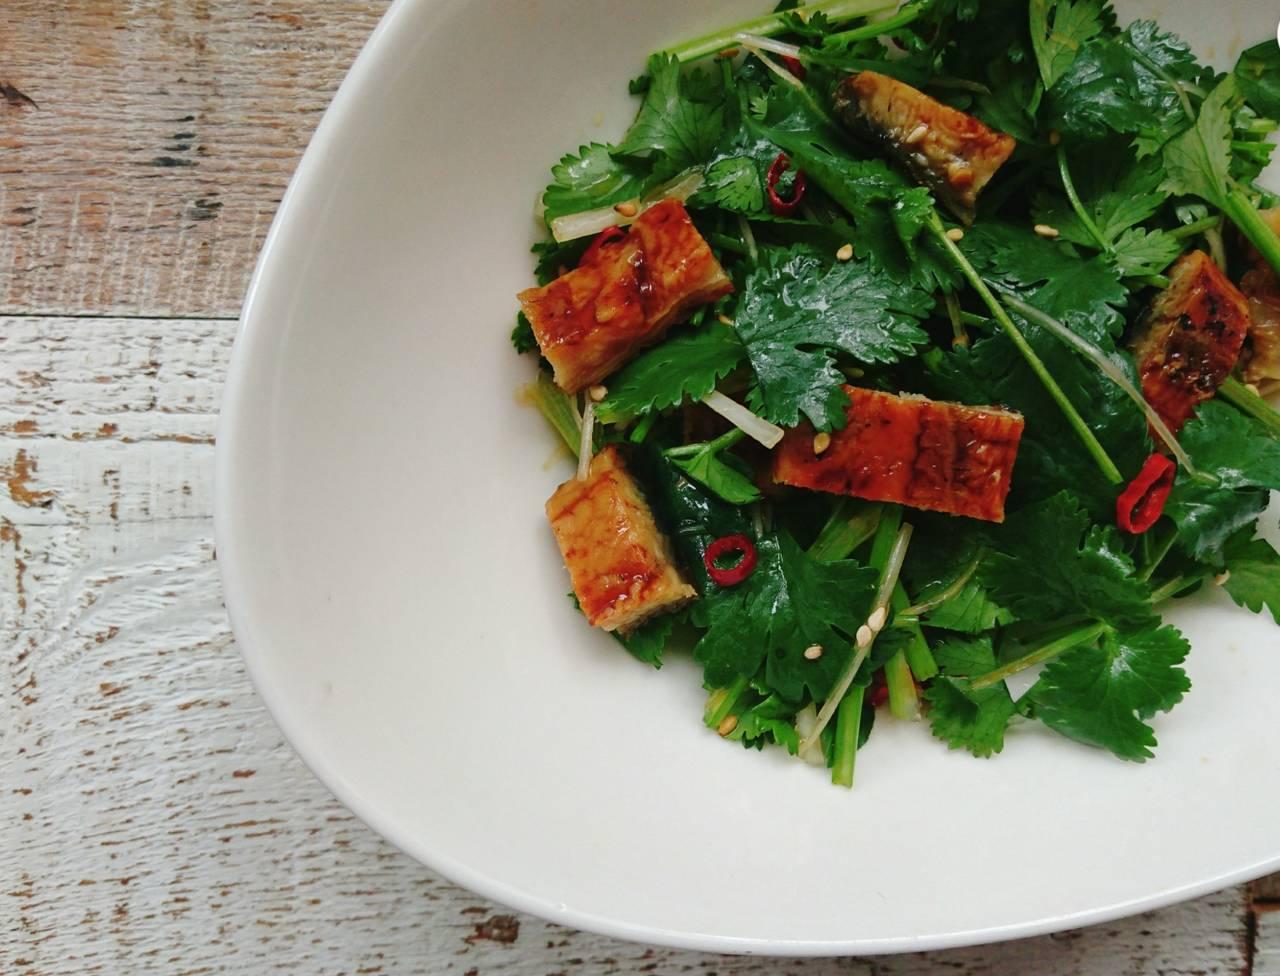 【パクチーとうなぎのオリエンタルサラダ】男子の胃袋と美目育が叶う簡単レシピ